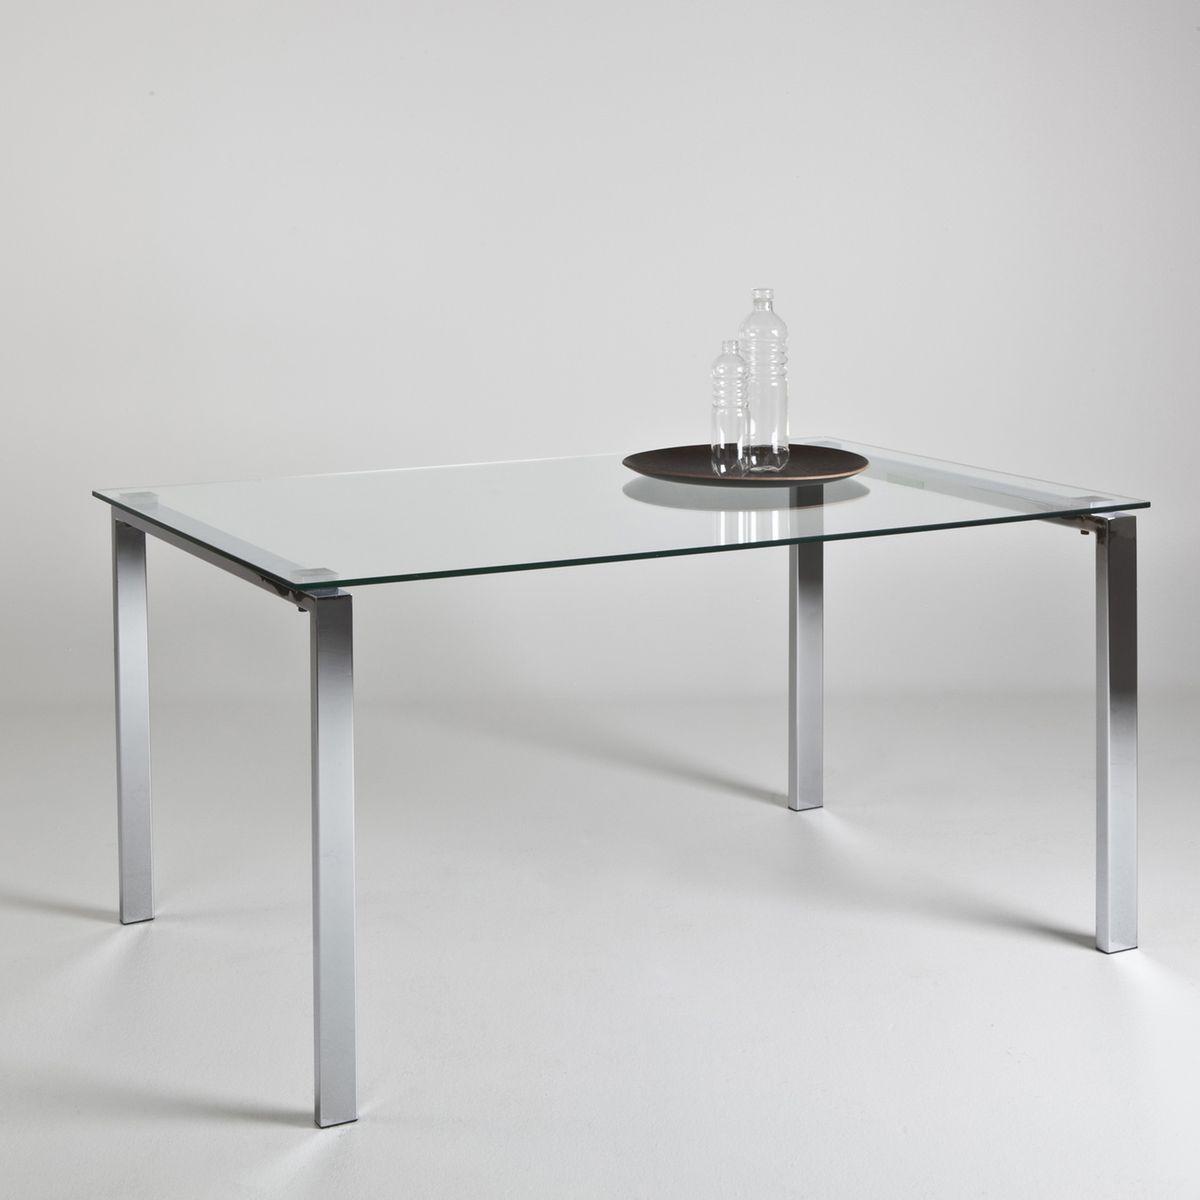 Table basse verre trempé joan (lot de 2)